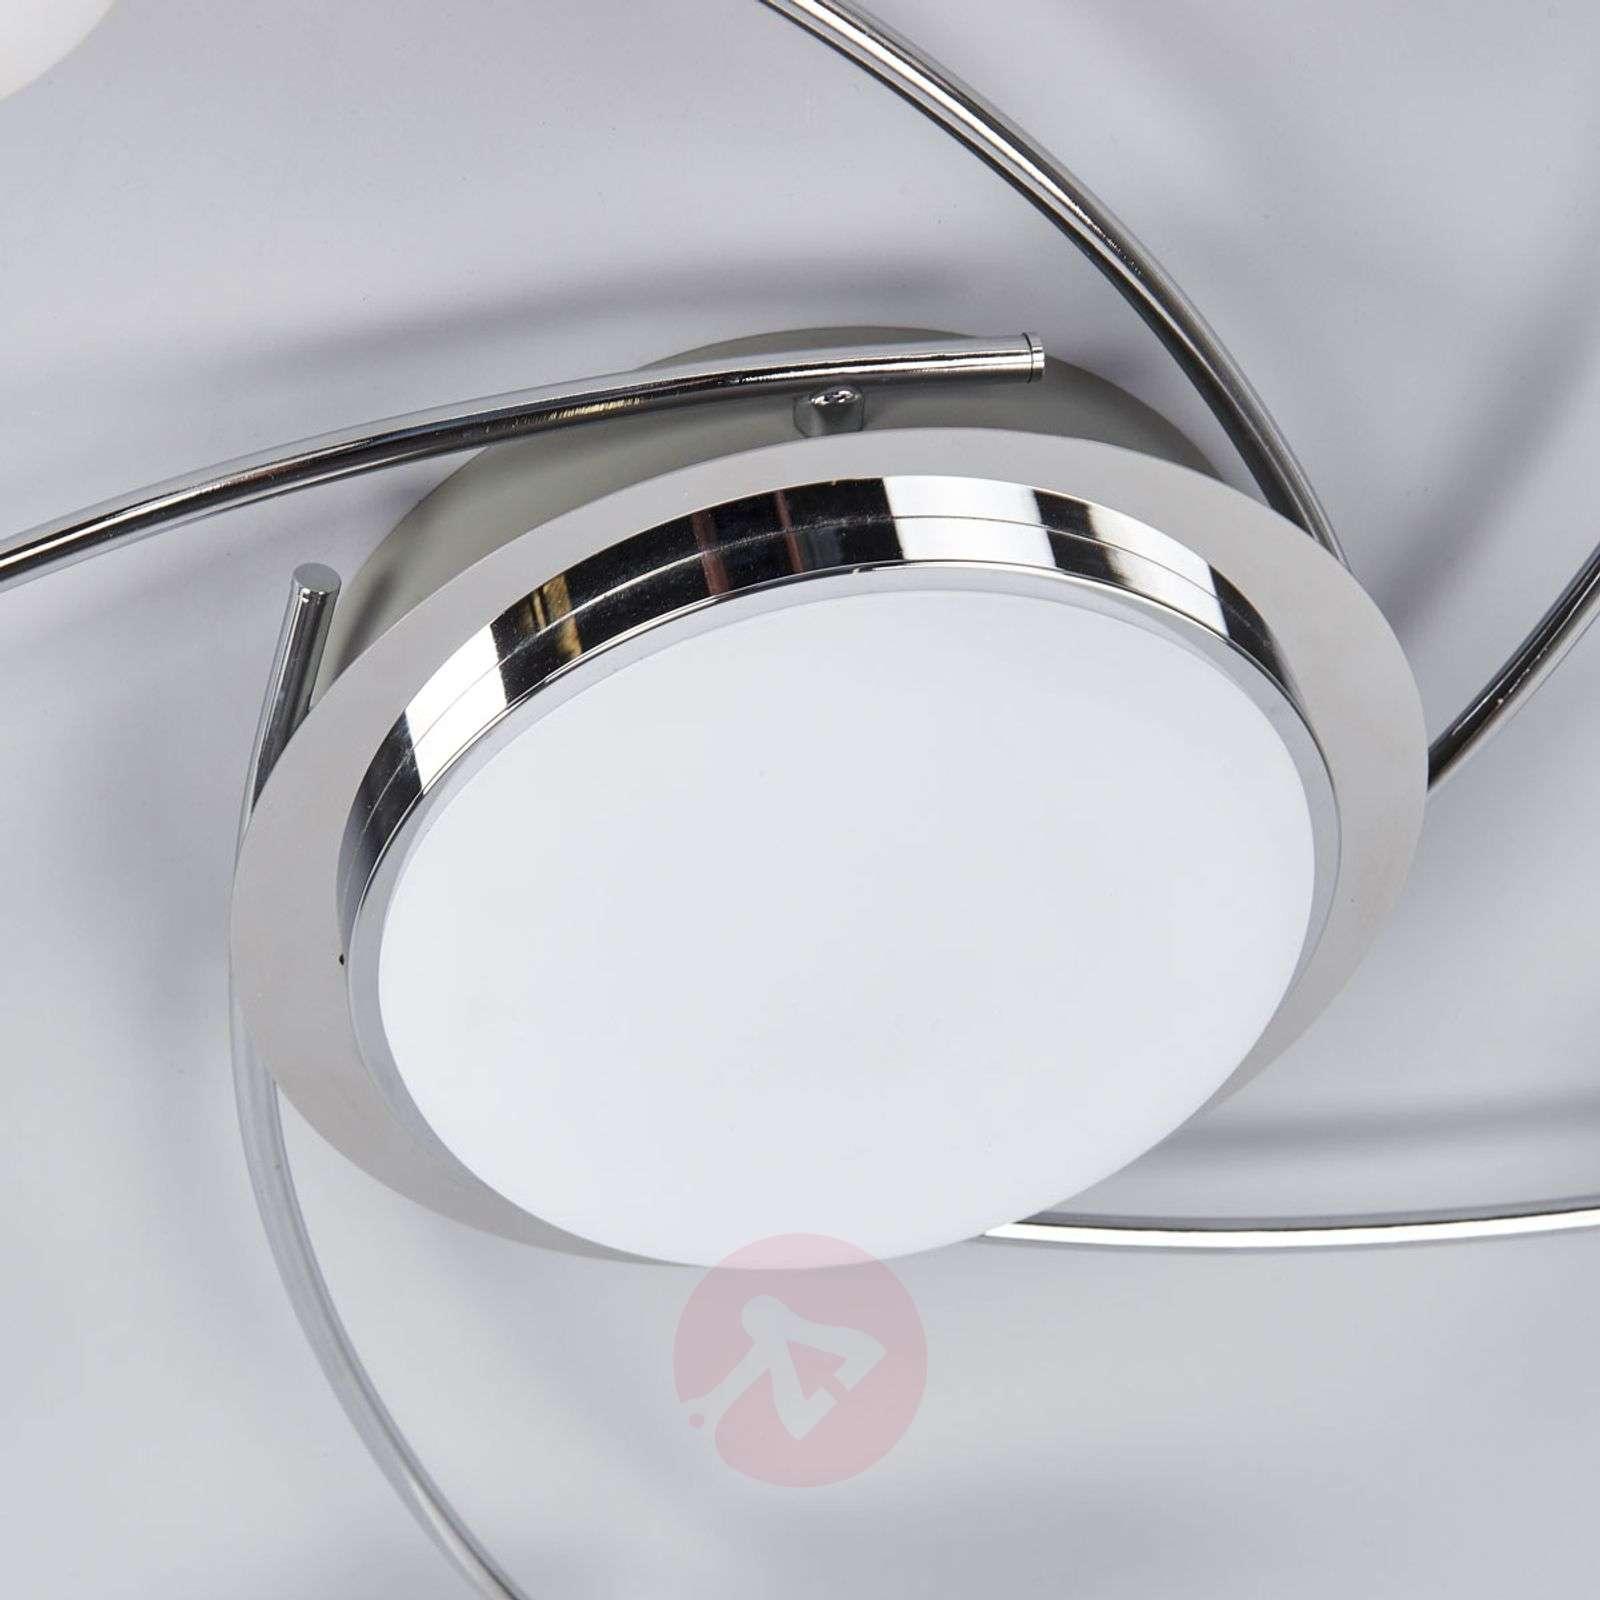 Round LED ceiling light Vitus, 6-bulb-9994100-02